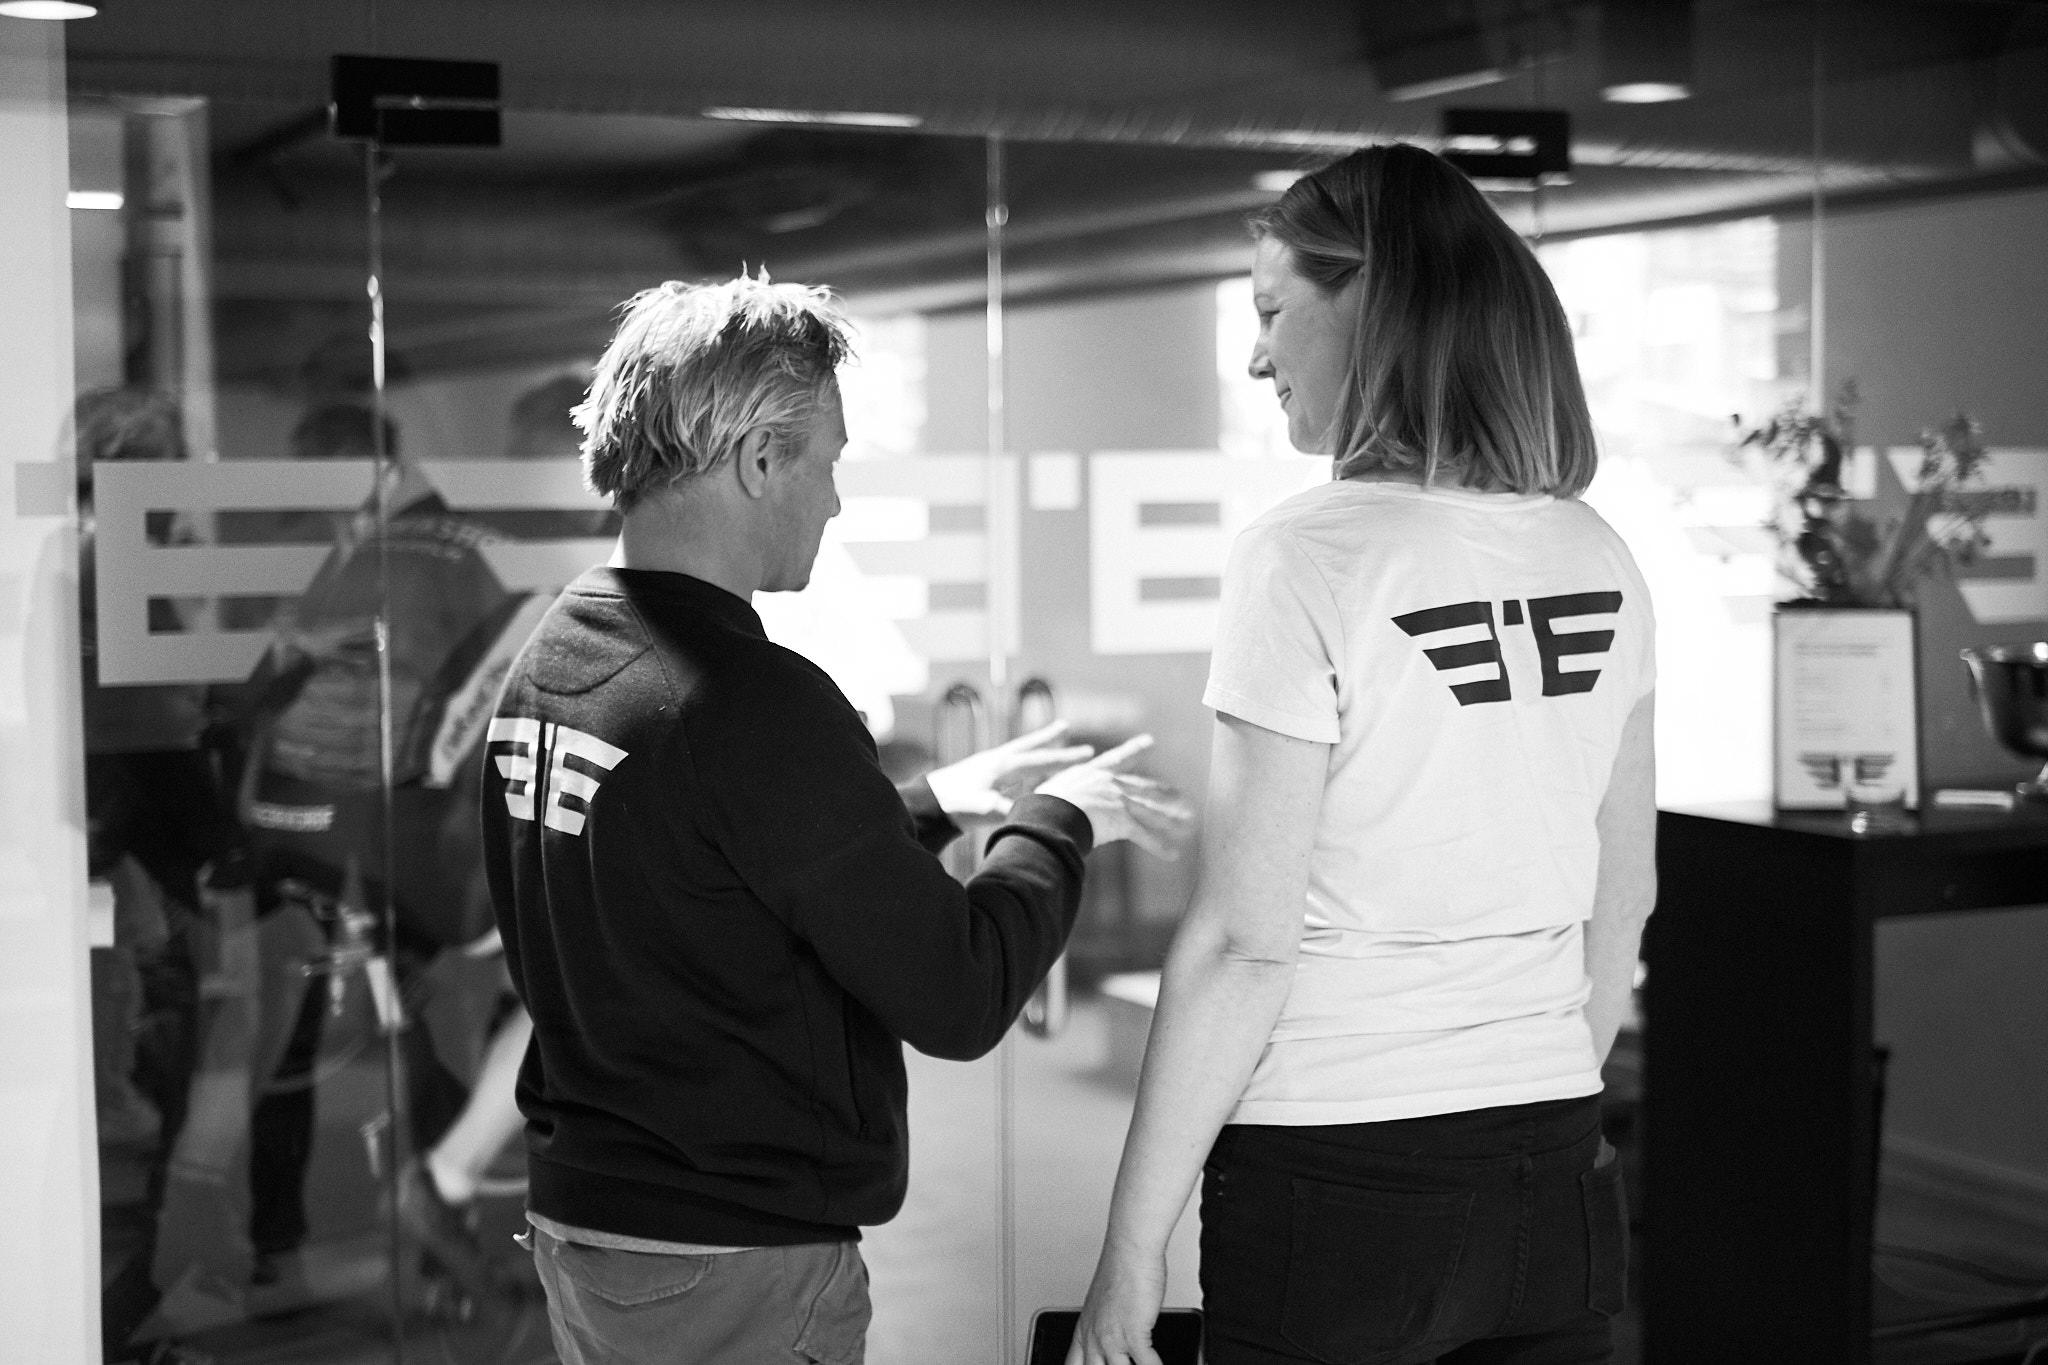 Möt vår personal - Kom till Studio l'Echelon och möt vår personal. Vi berättar hur vi hjälper dig bli en bättre cyklist.